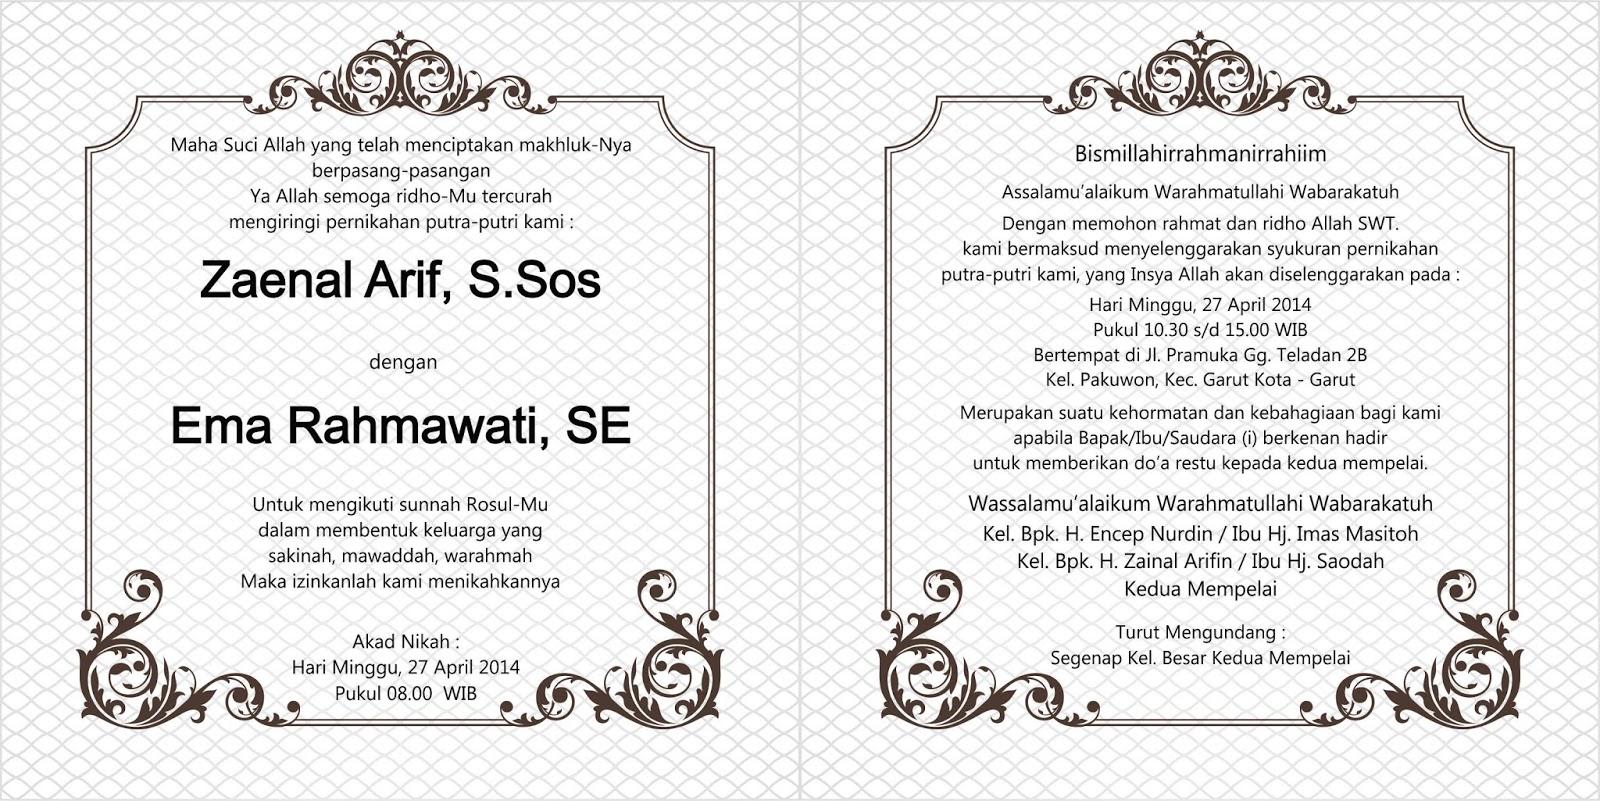 Download Undangan Pernikahan Format Cdr Housepolar